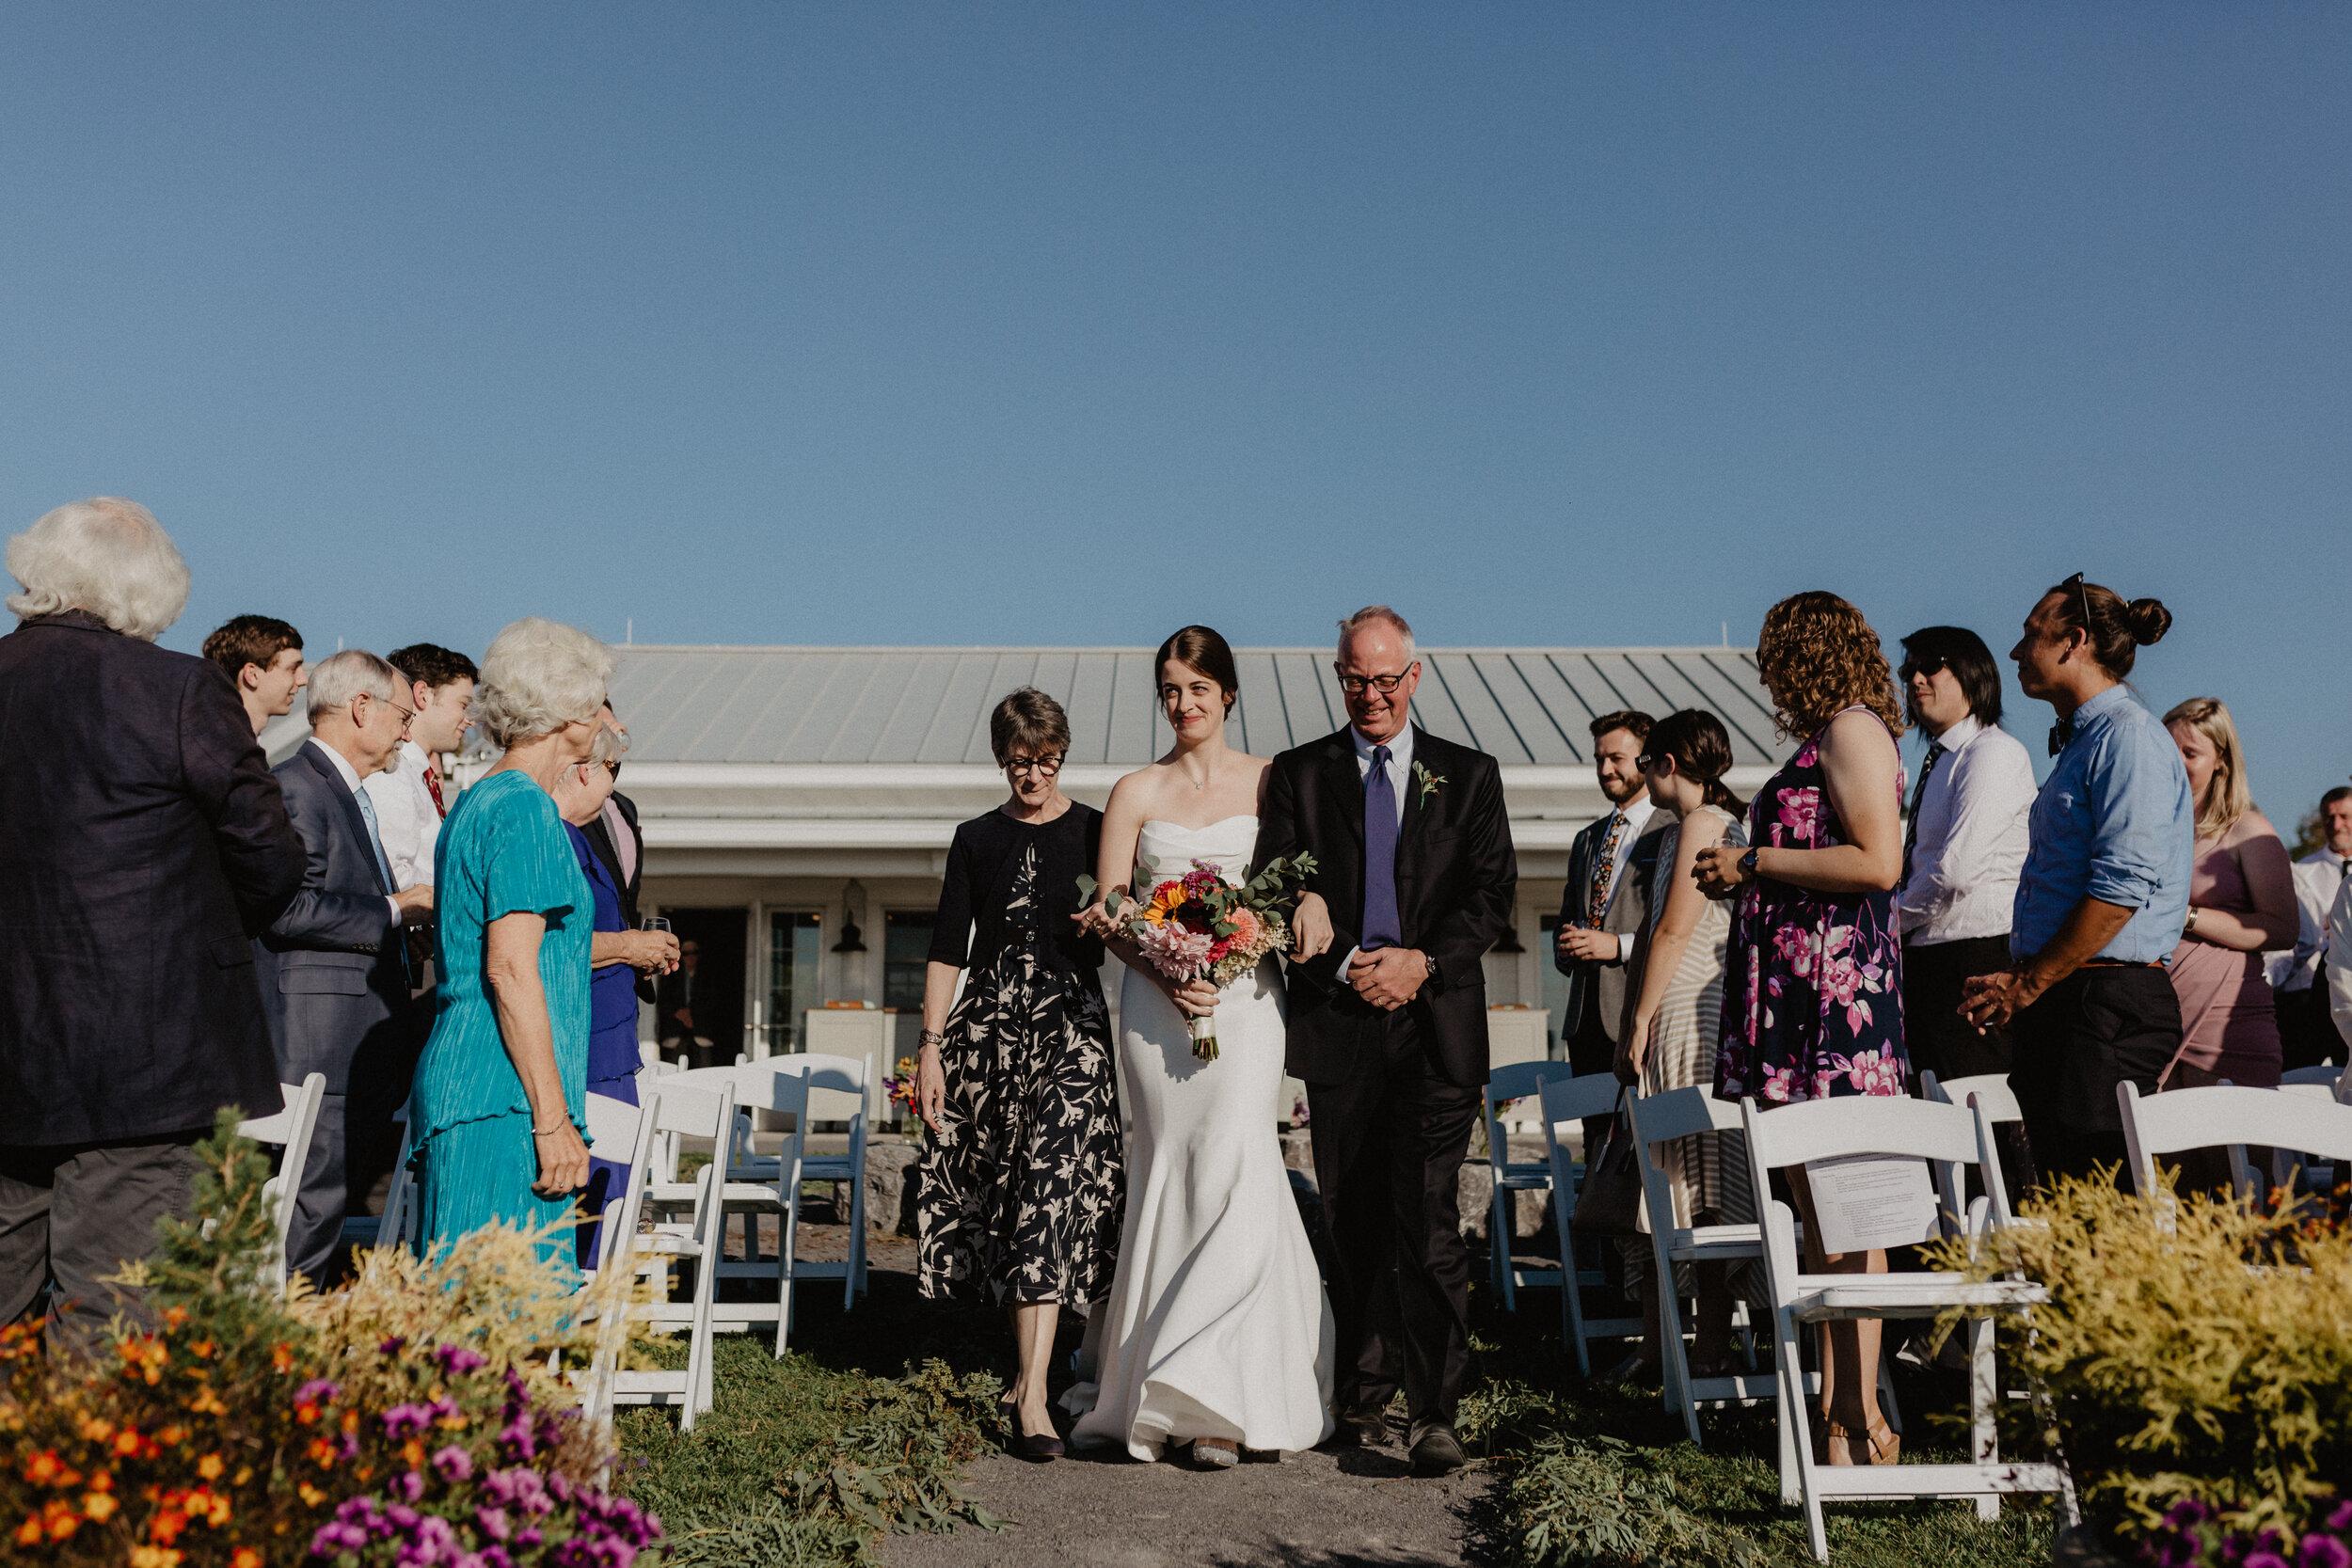 finger-lakes-wedding-032.jpg